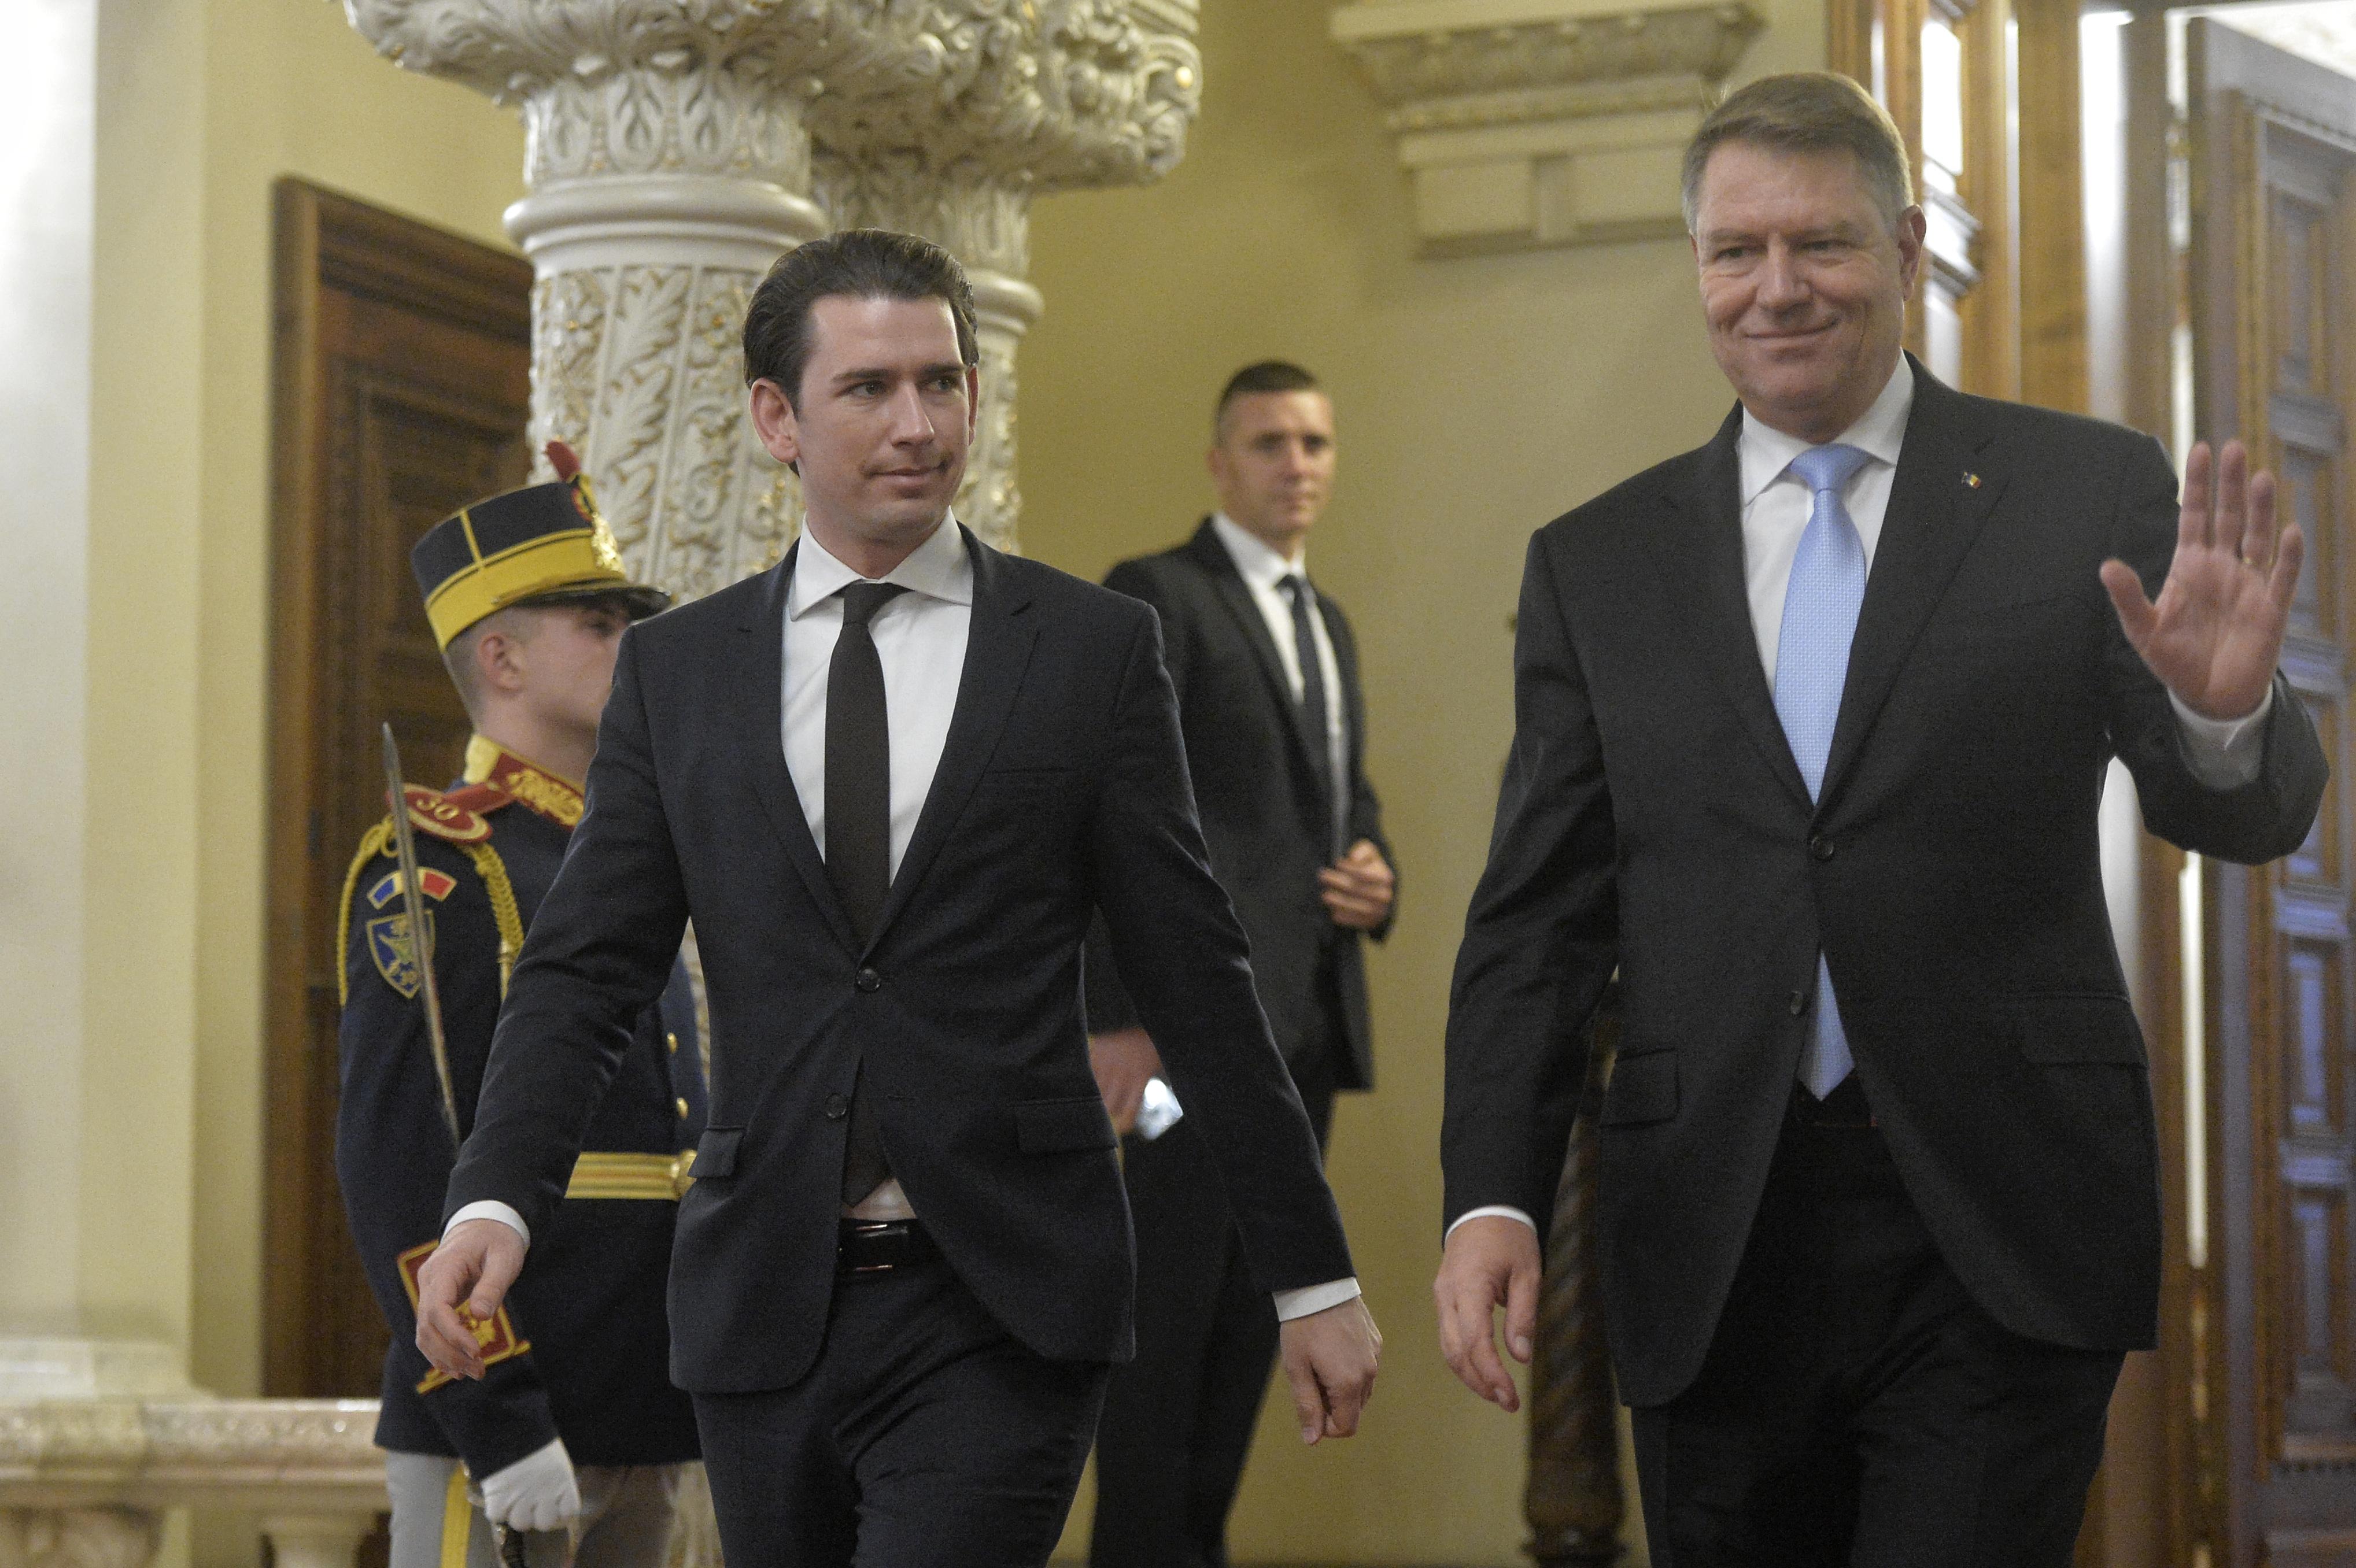 Preşedintele Iohannis şi ministrul Meleşcanu lucrează împreună, dar se înţeleg separat